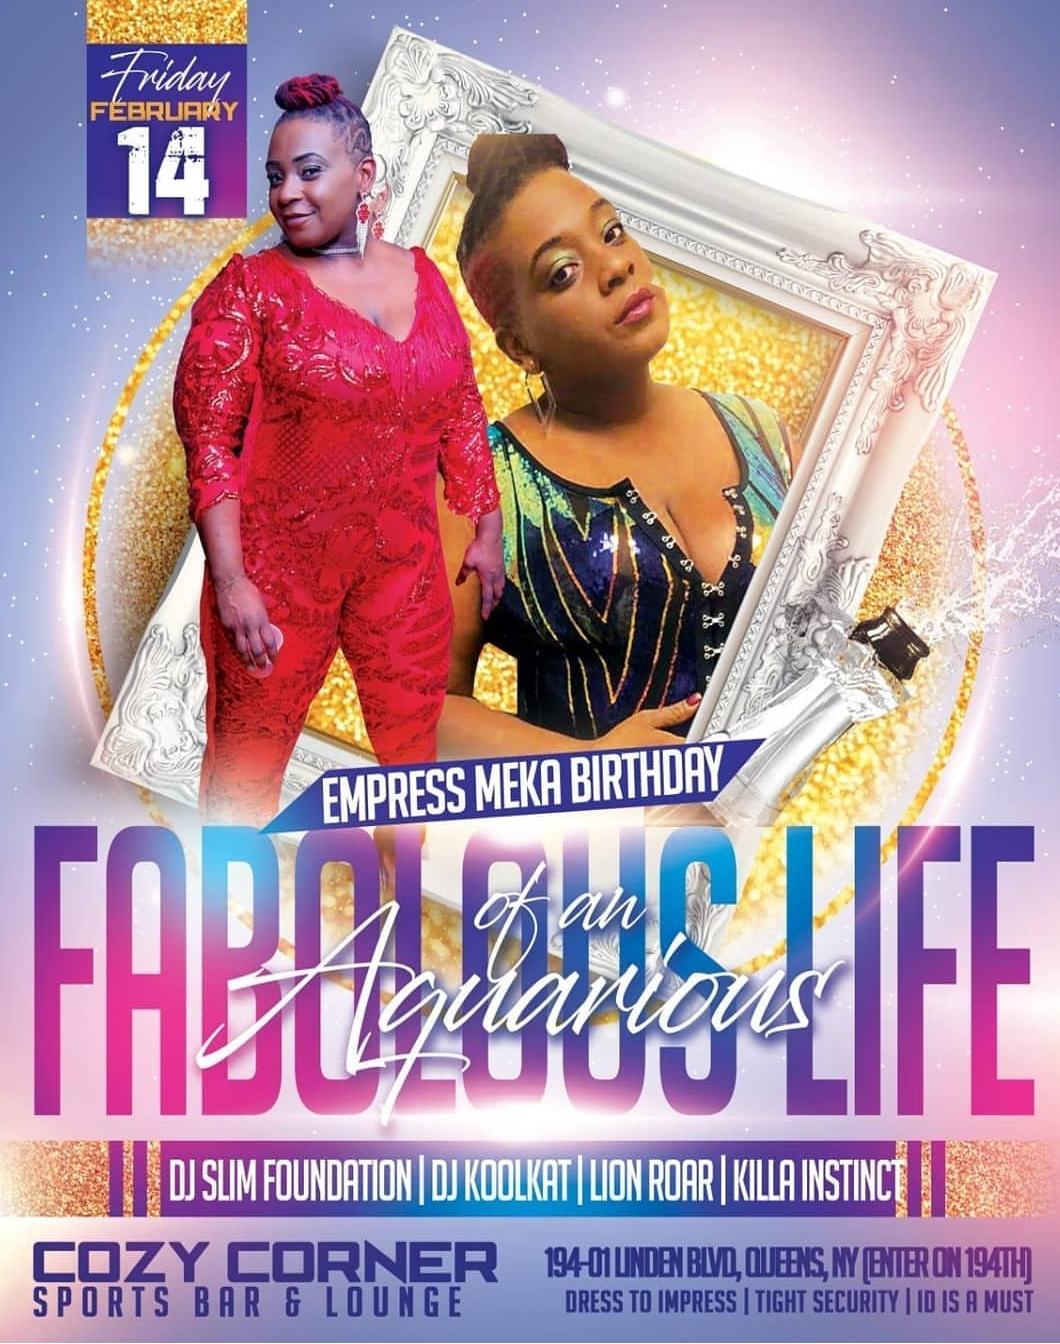 2-14-2020 Fabolous Life